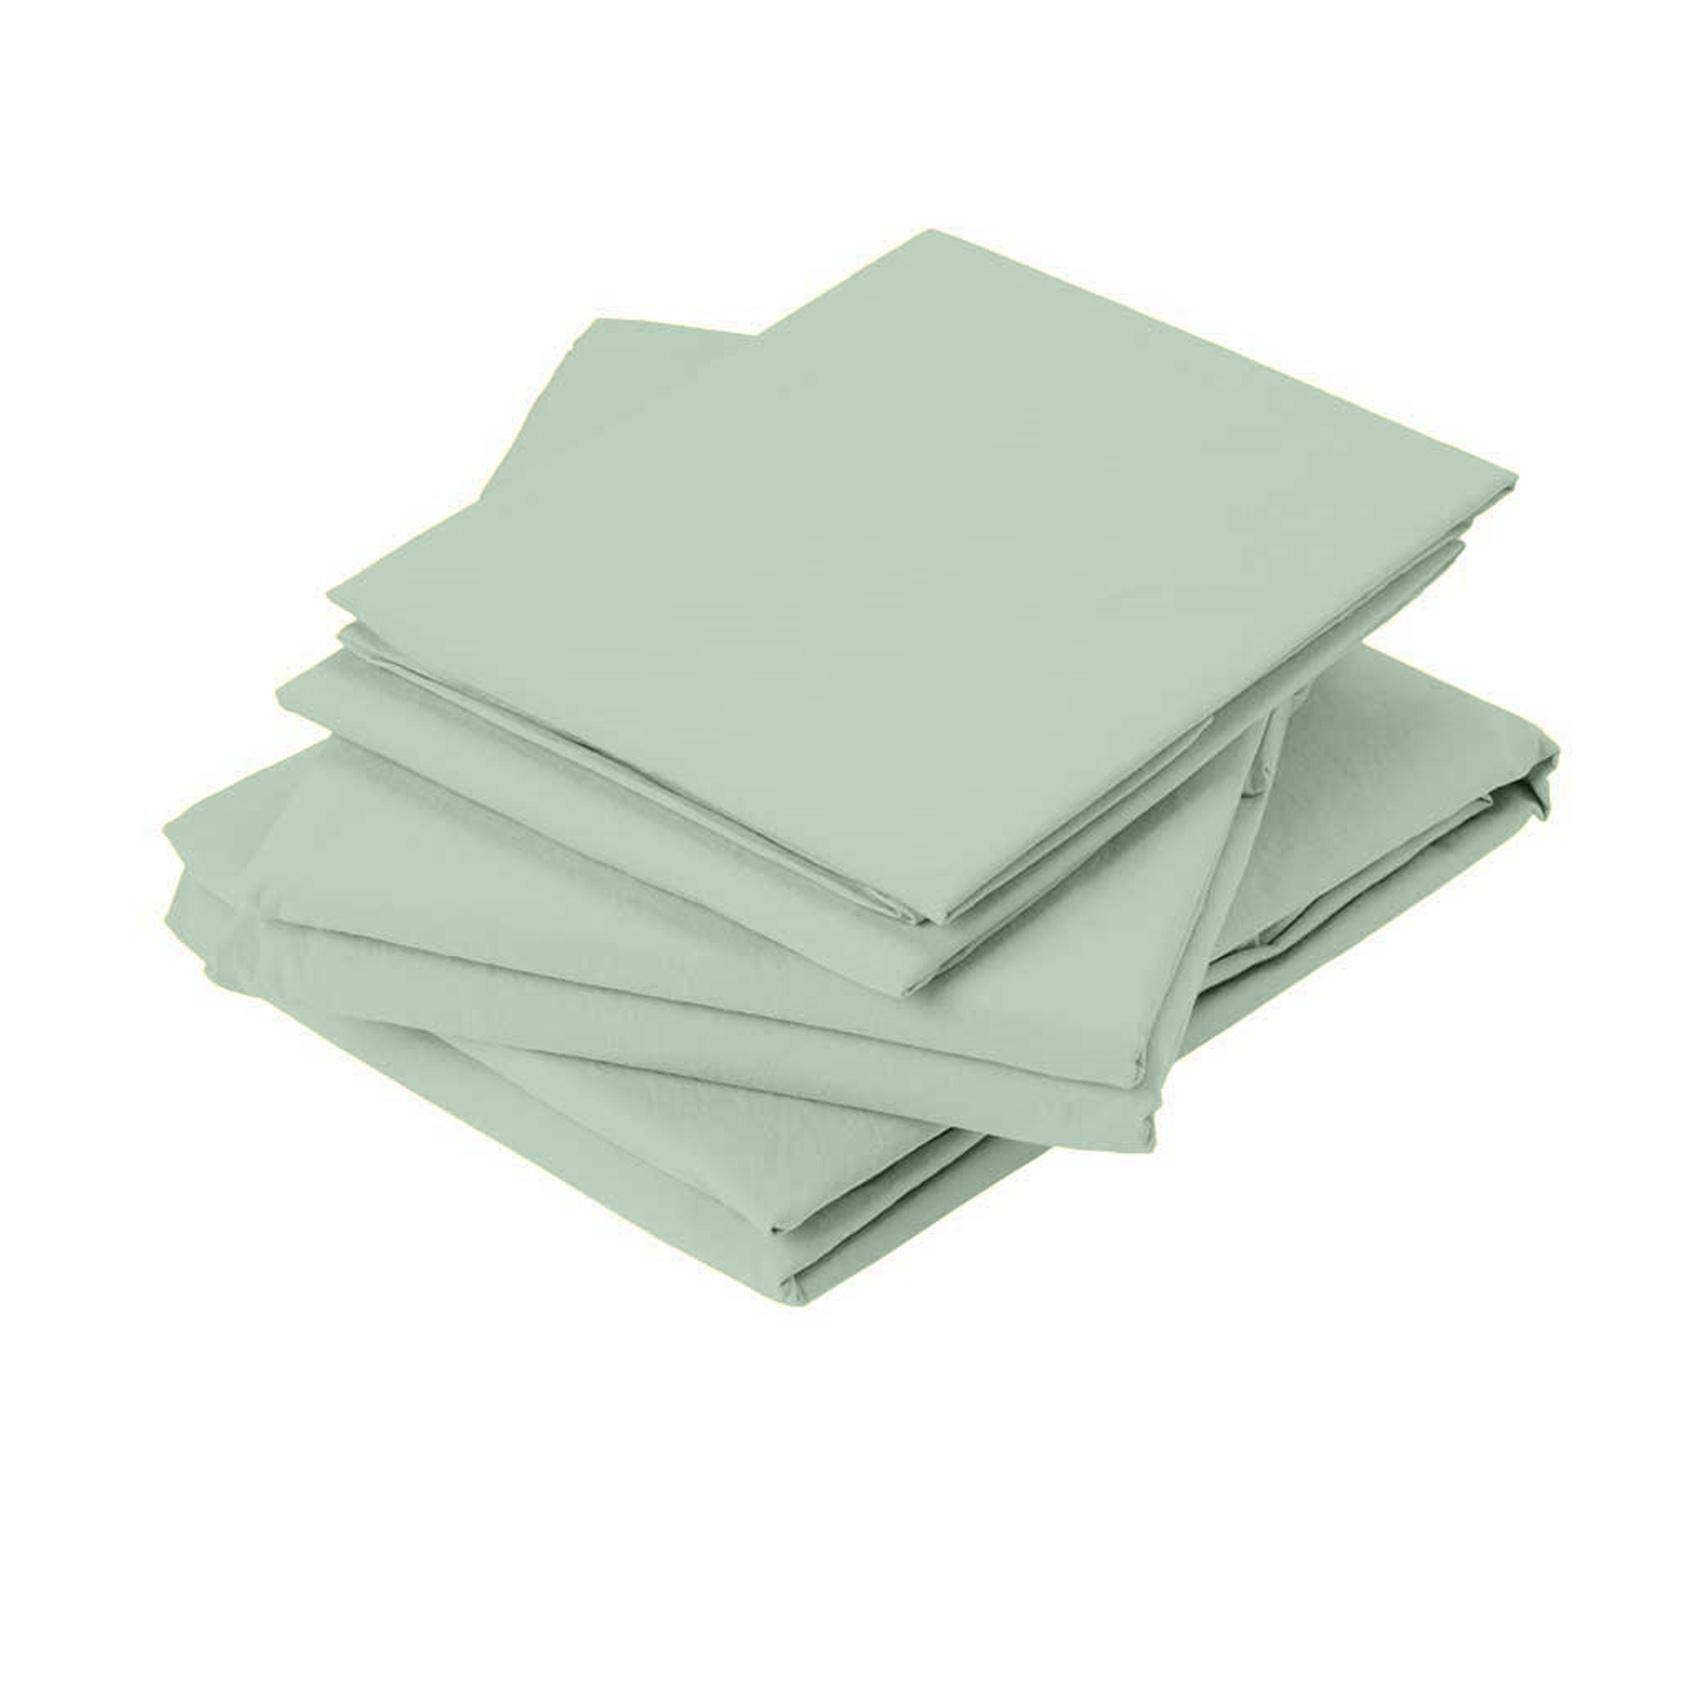 Drap plat en coton lavé coton argile 290x180